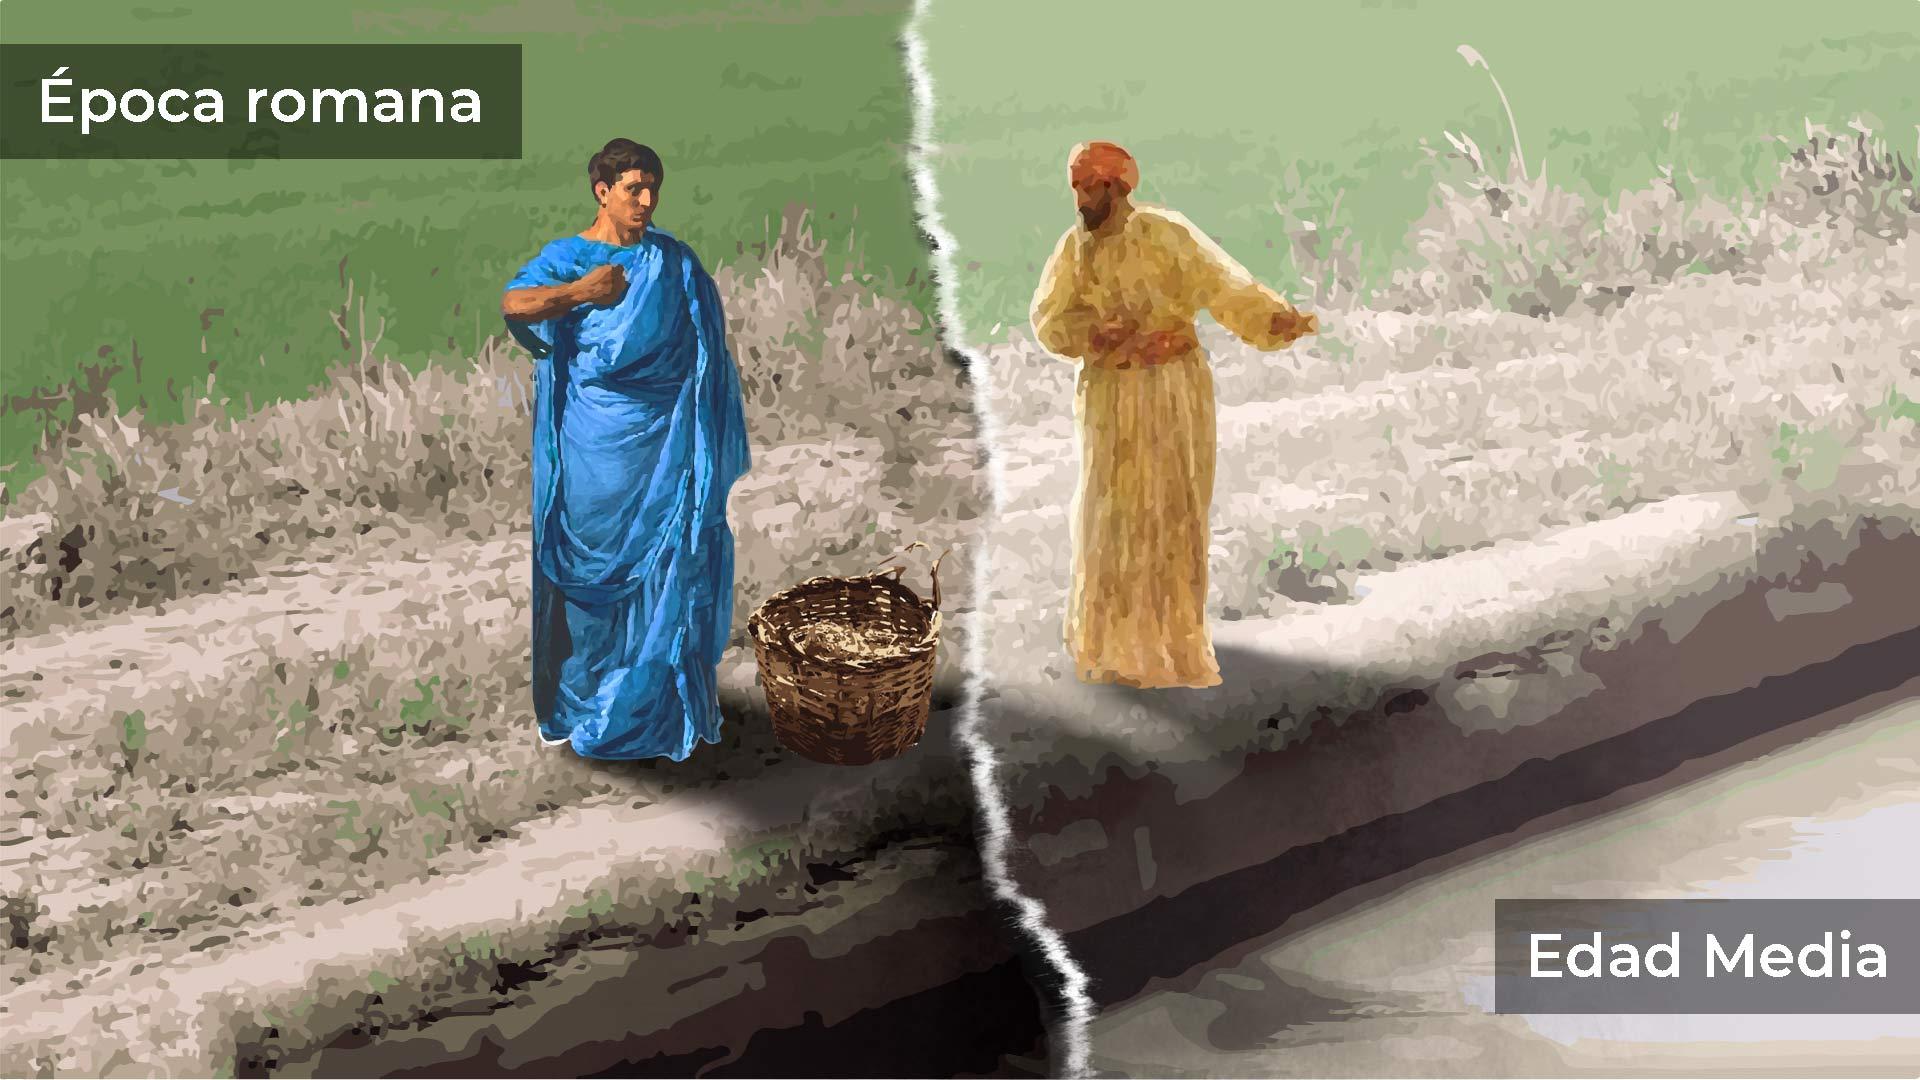 ilustración de un romano a la izquierda y un musulman a la derecha situadis en el borde de la acequia donde se celebra la tradición de reparto de aguas del Trallo